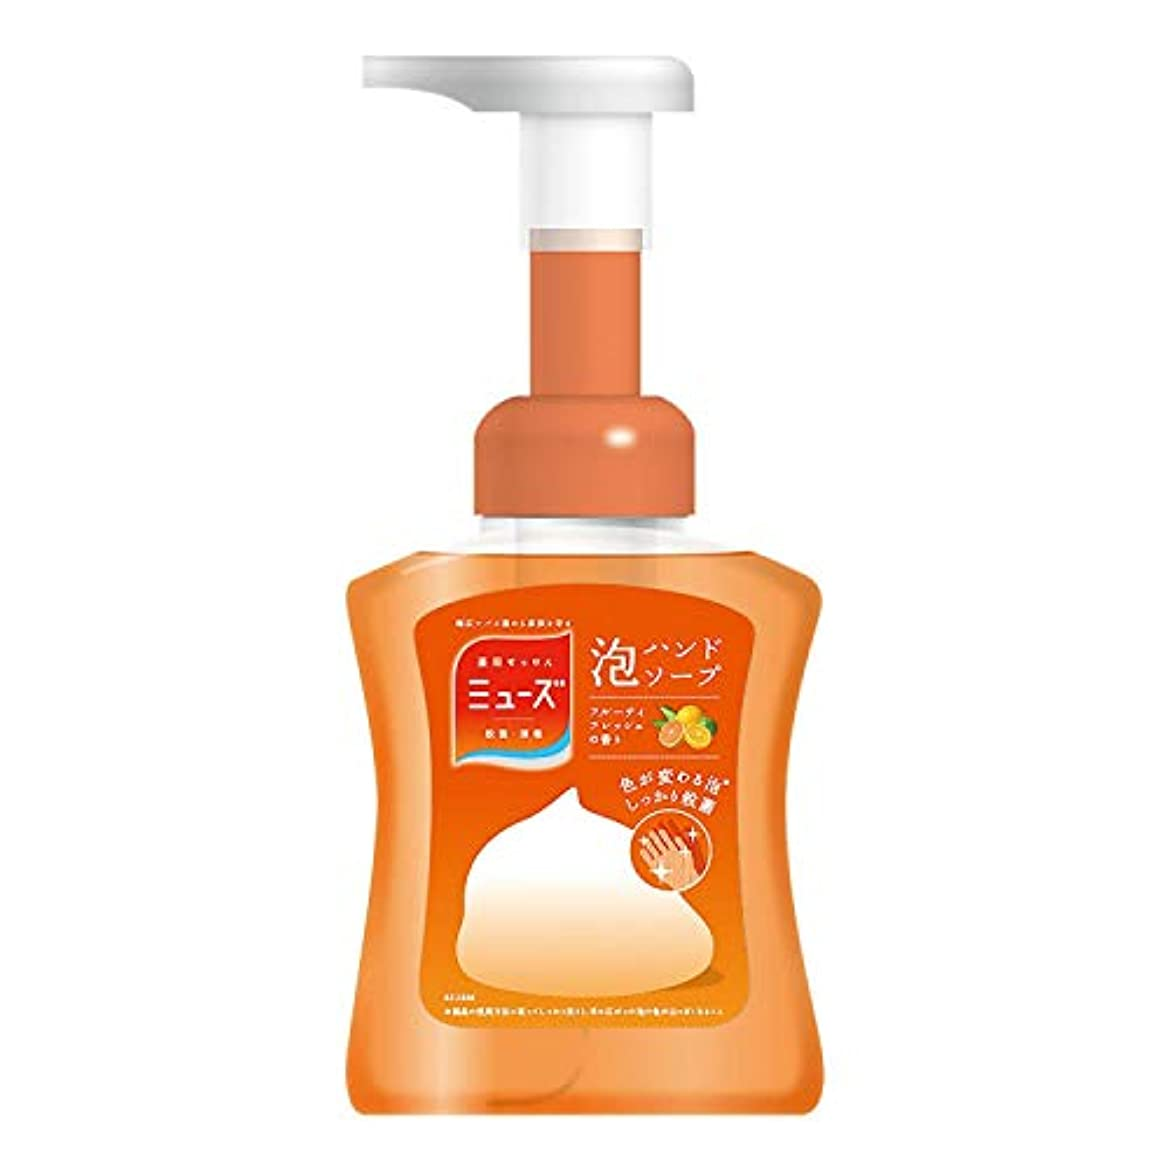 一族哲学的徐々に【医薬部外品】ミューズ 泡 ハンドソープ フルーティフレッシュの香り 色が変わる泡 本体ボトル 250ml 殺菌 消毒 手洗い 保湿成分配合